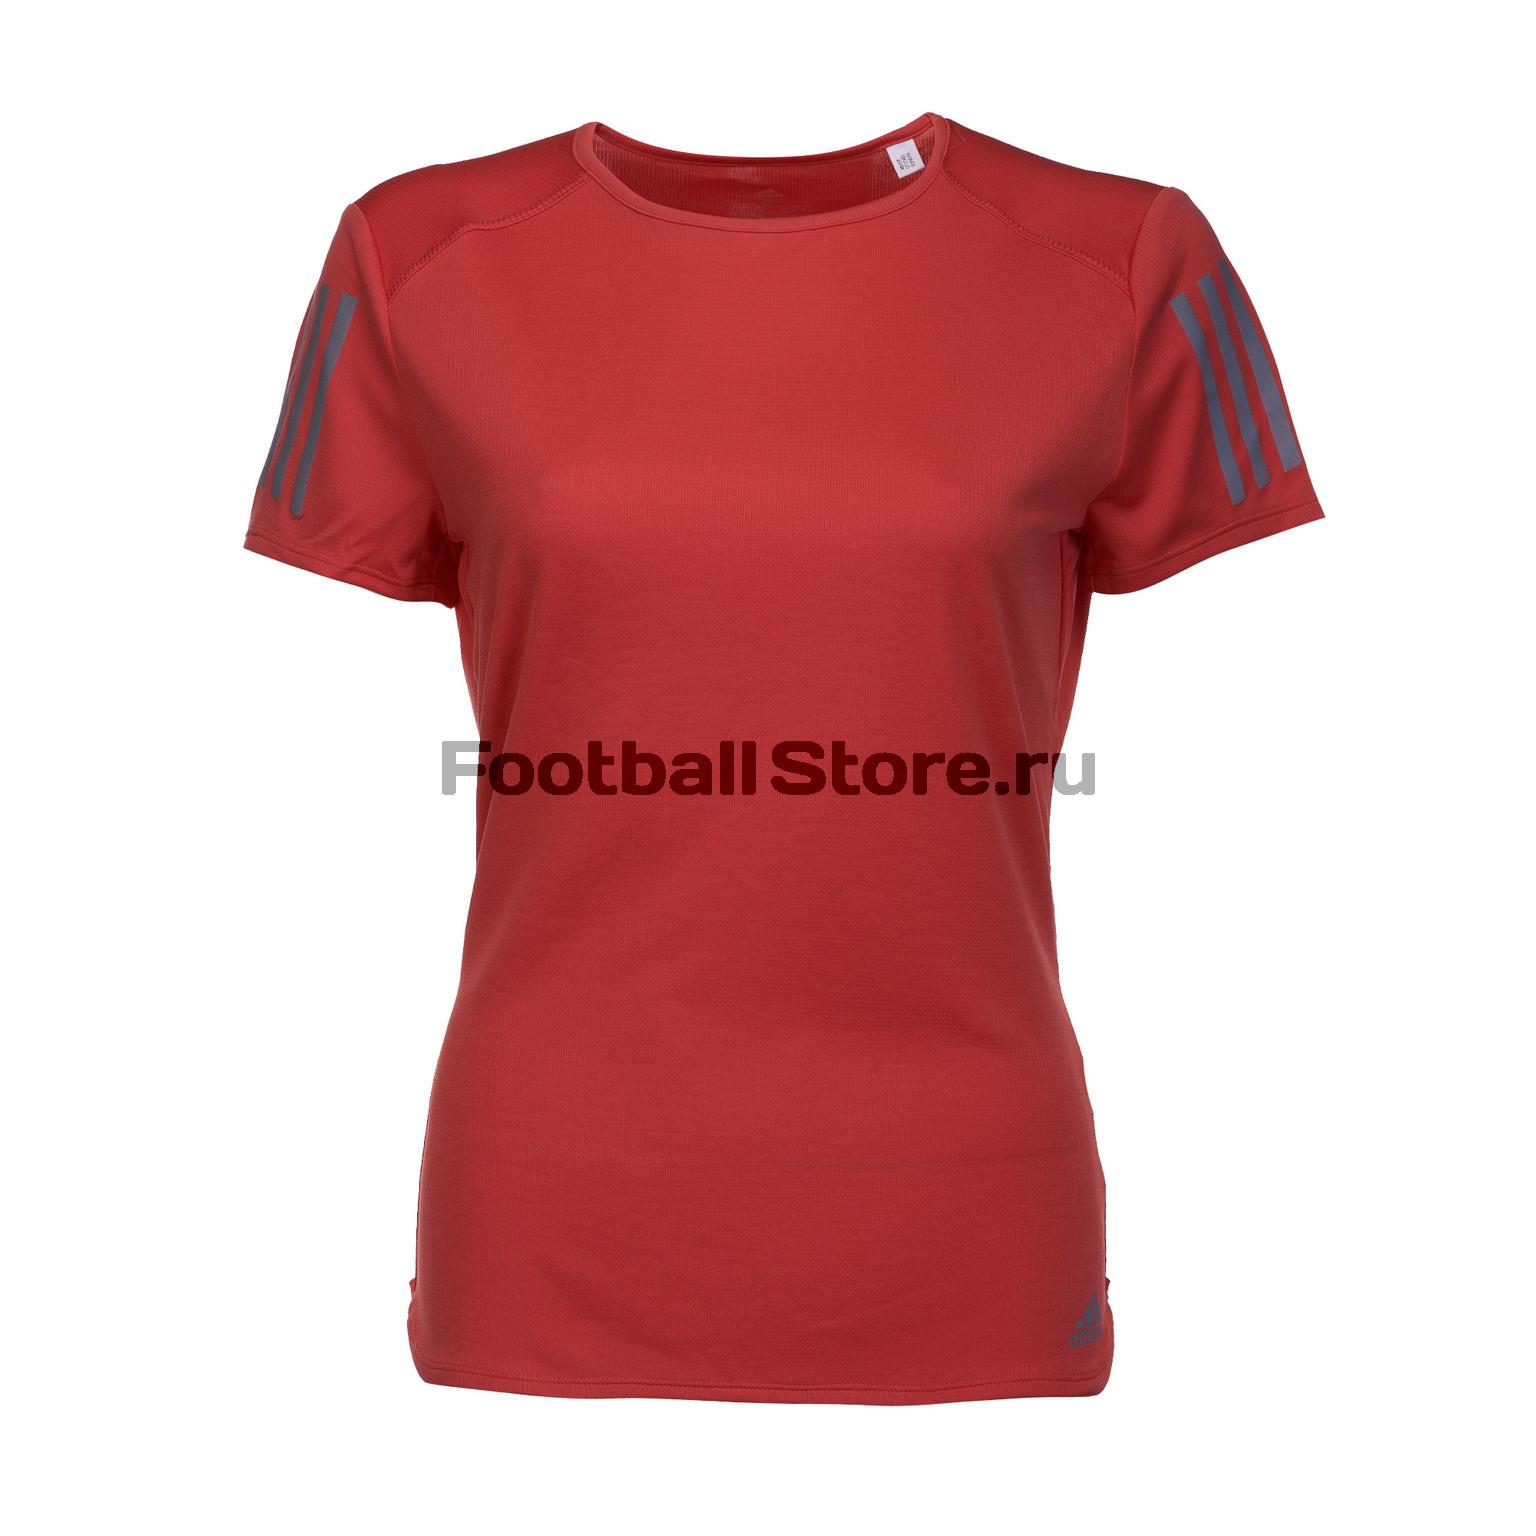 Футболка женская Adidas Russia SS Tee CF2140 футболка женская adidas trefoil tee цвет желтый cv9893 размер 42 48